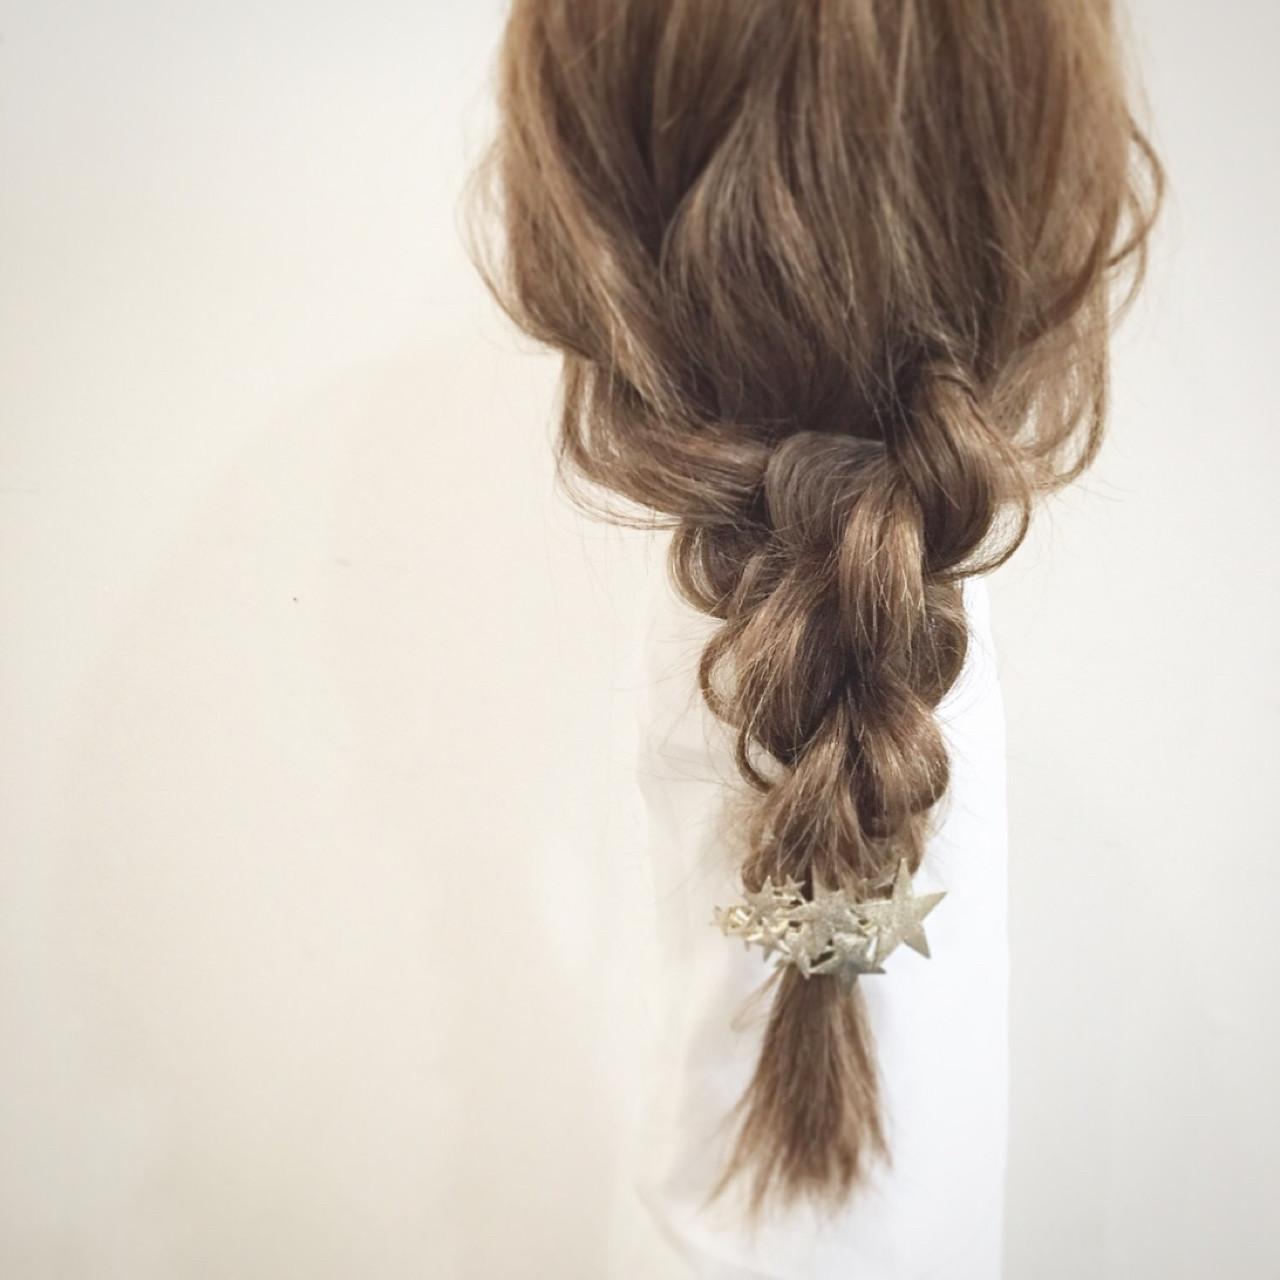 大人かわいい ヘアアレンジ ショート セミロング ヘアスタイルや髪型の写真・画像 | 平岡 歩 / Wooluuw